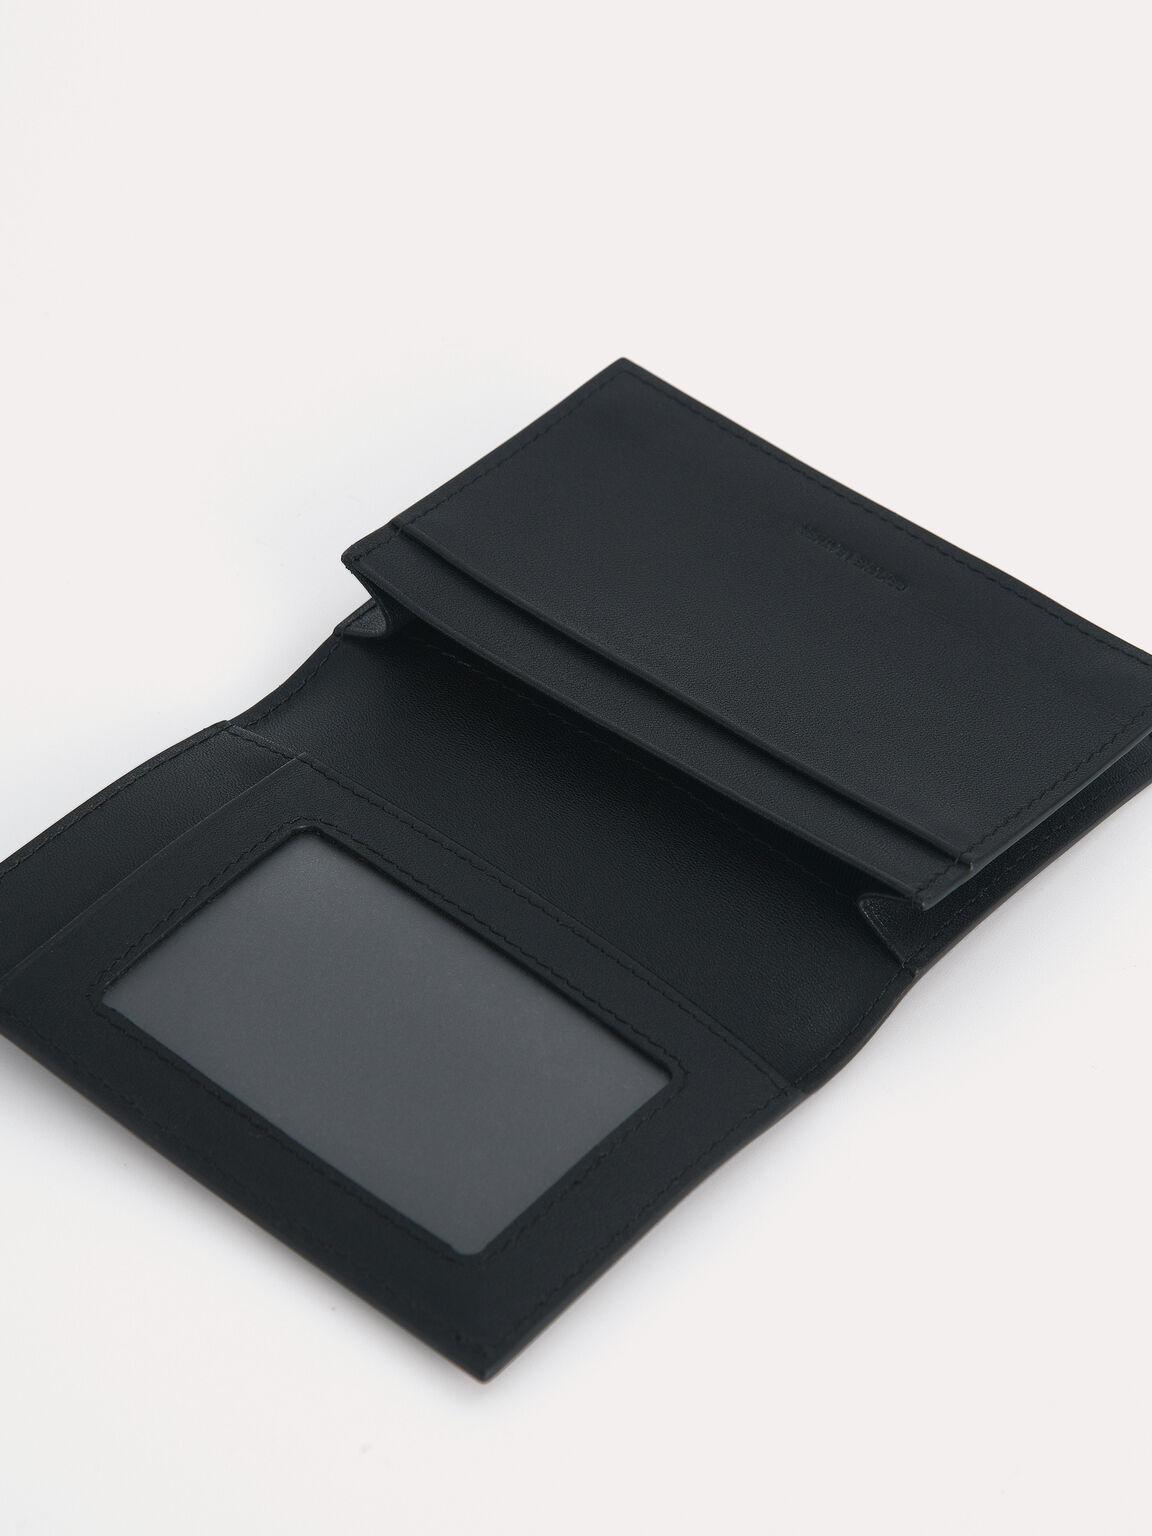 織紋皮革雙折疊卡包, 黑色, hi-res